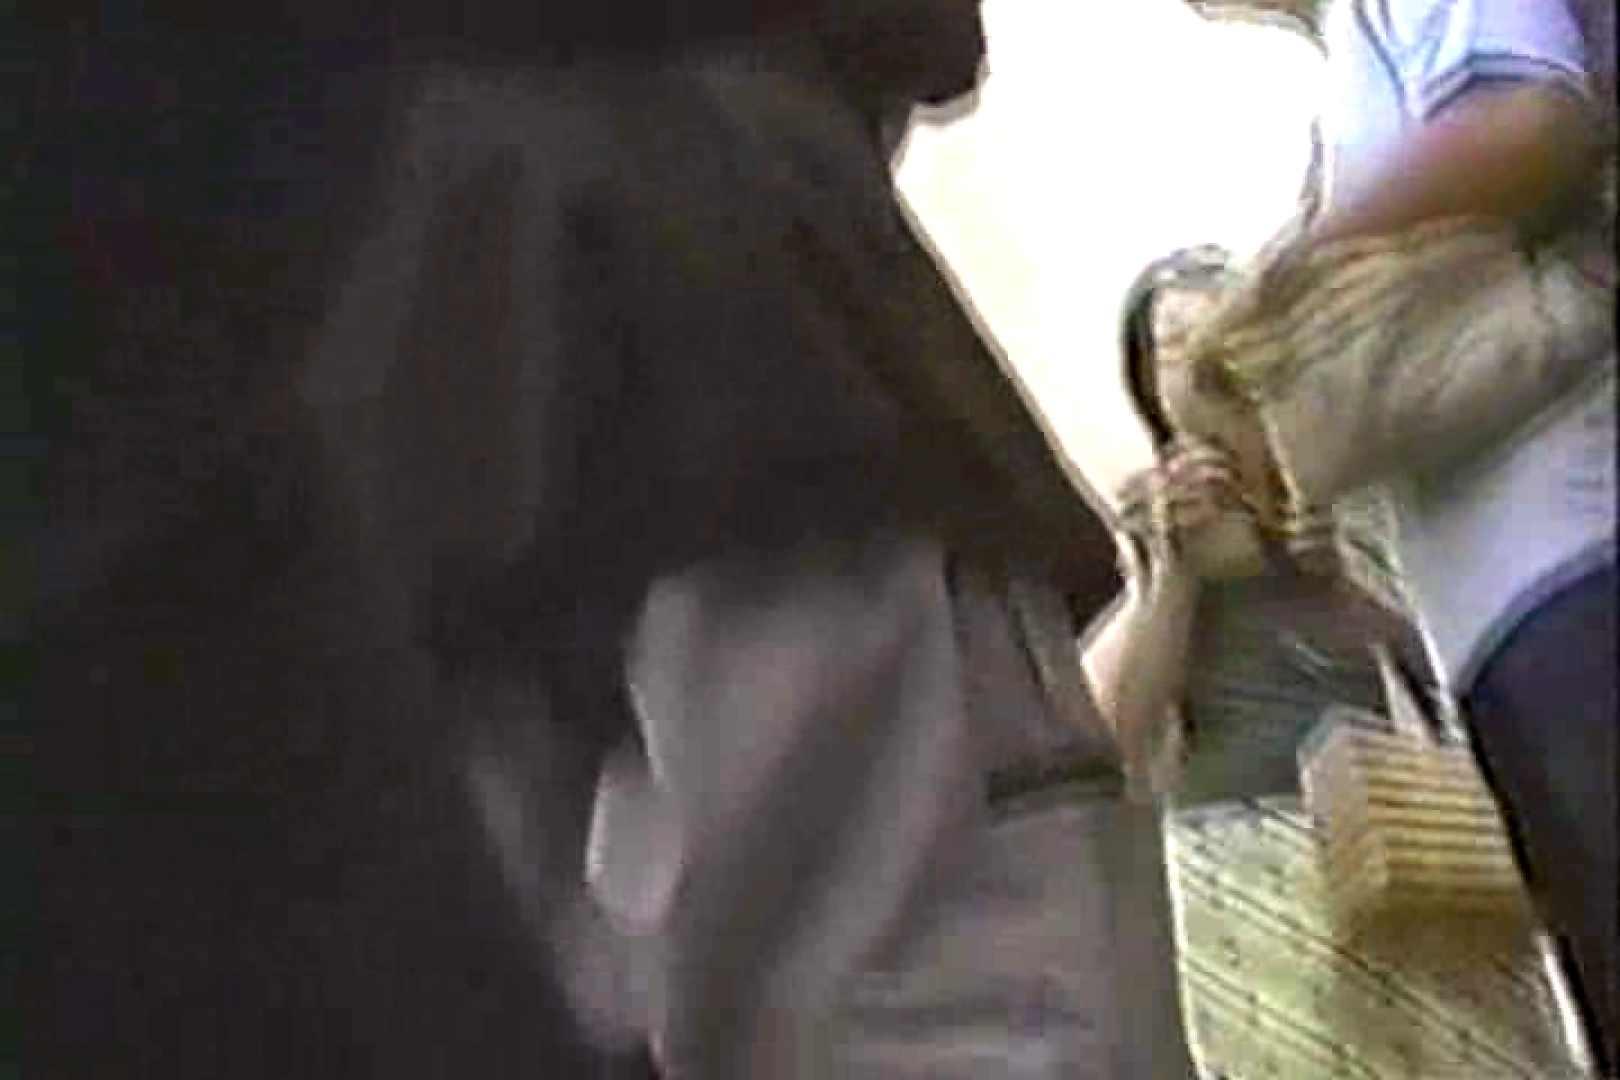 「ちくりん」さんのオリジナル未編集パンチラVol.1_01 チラ 盗撮おまんこ無修正動画無料 23PICs 2